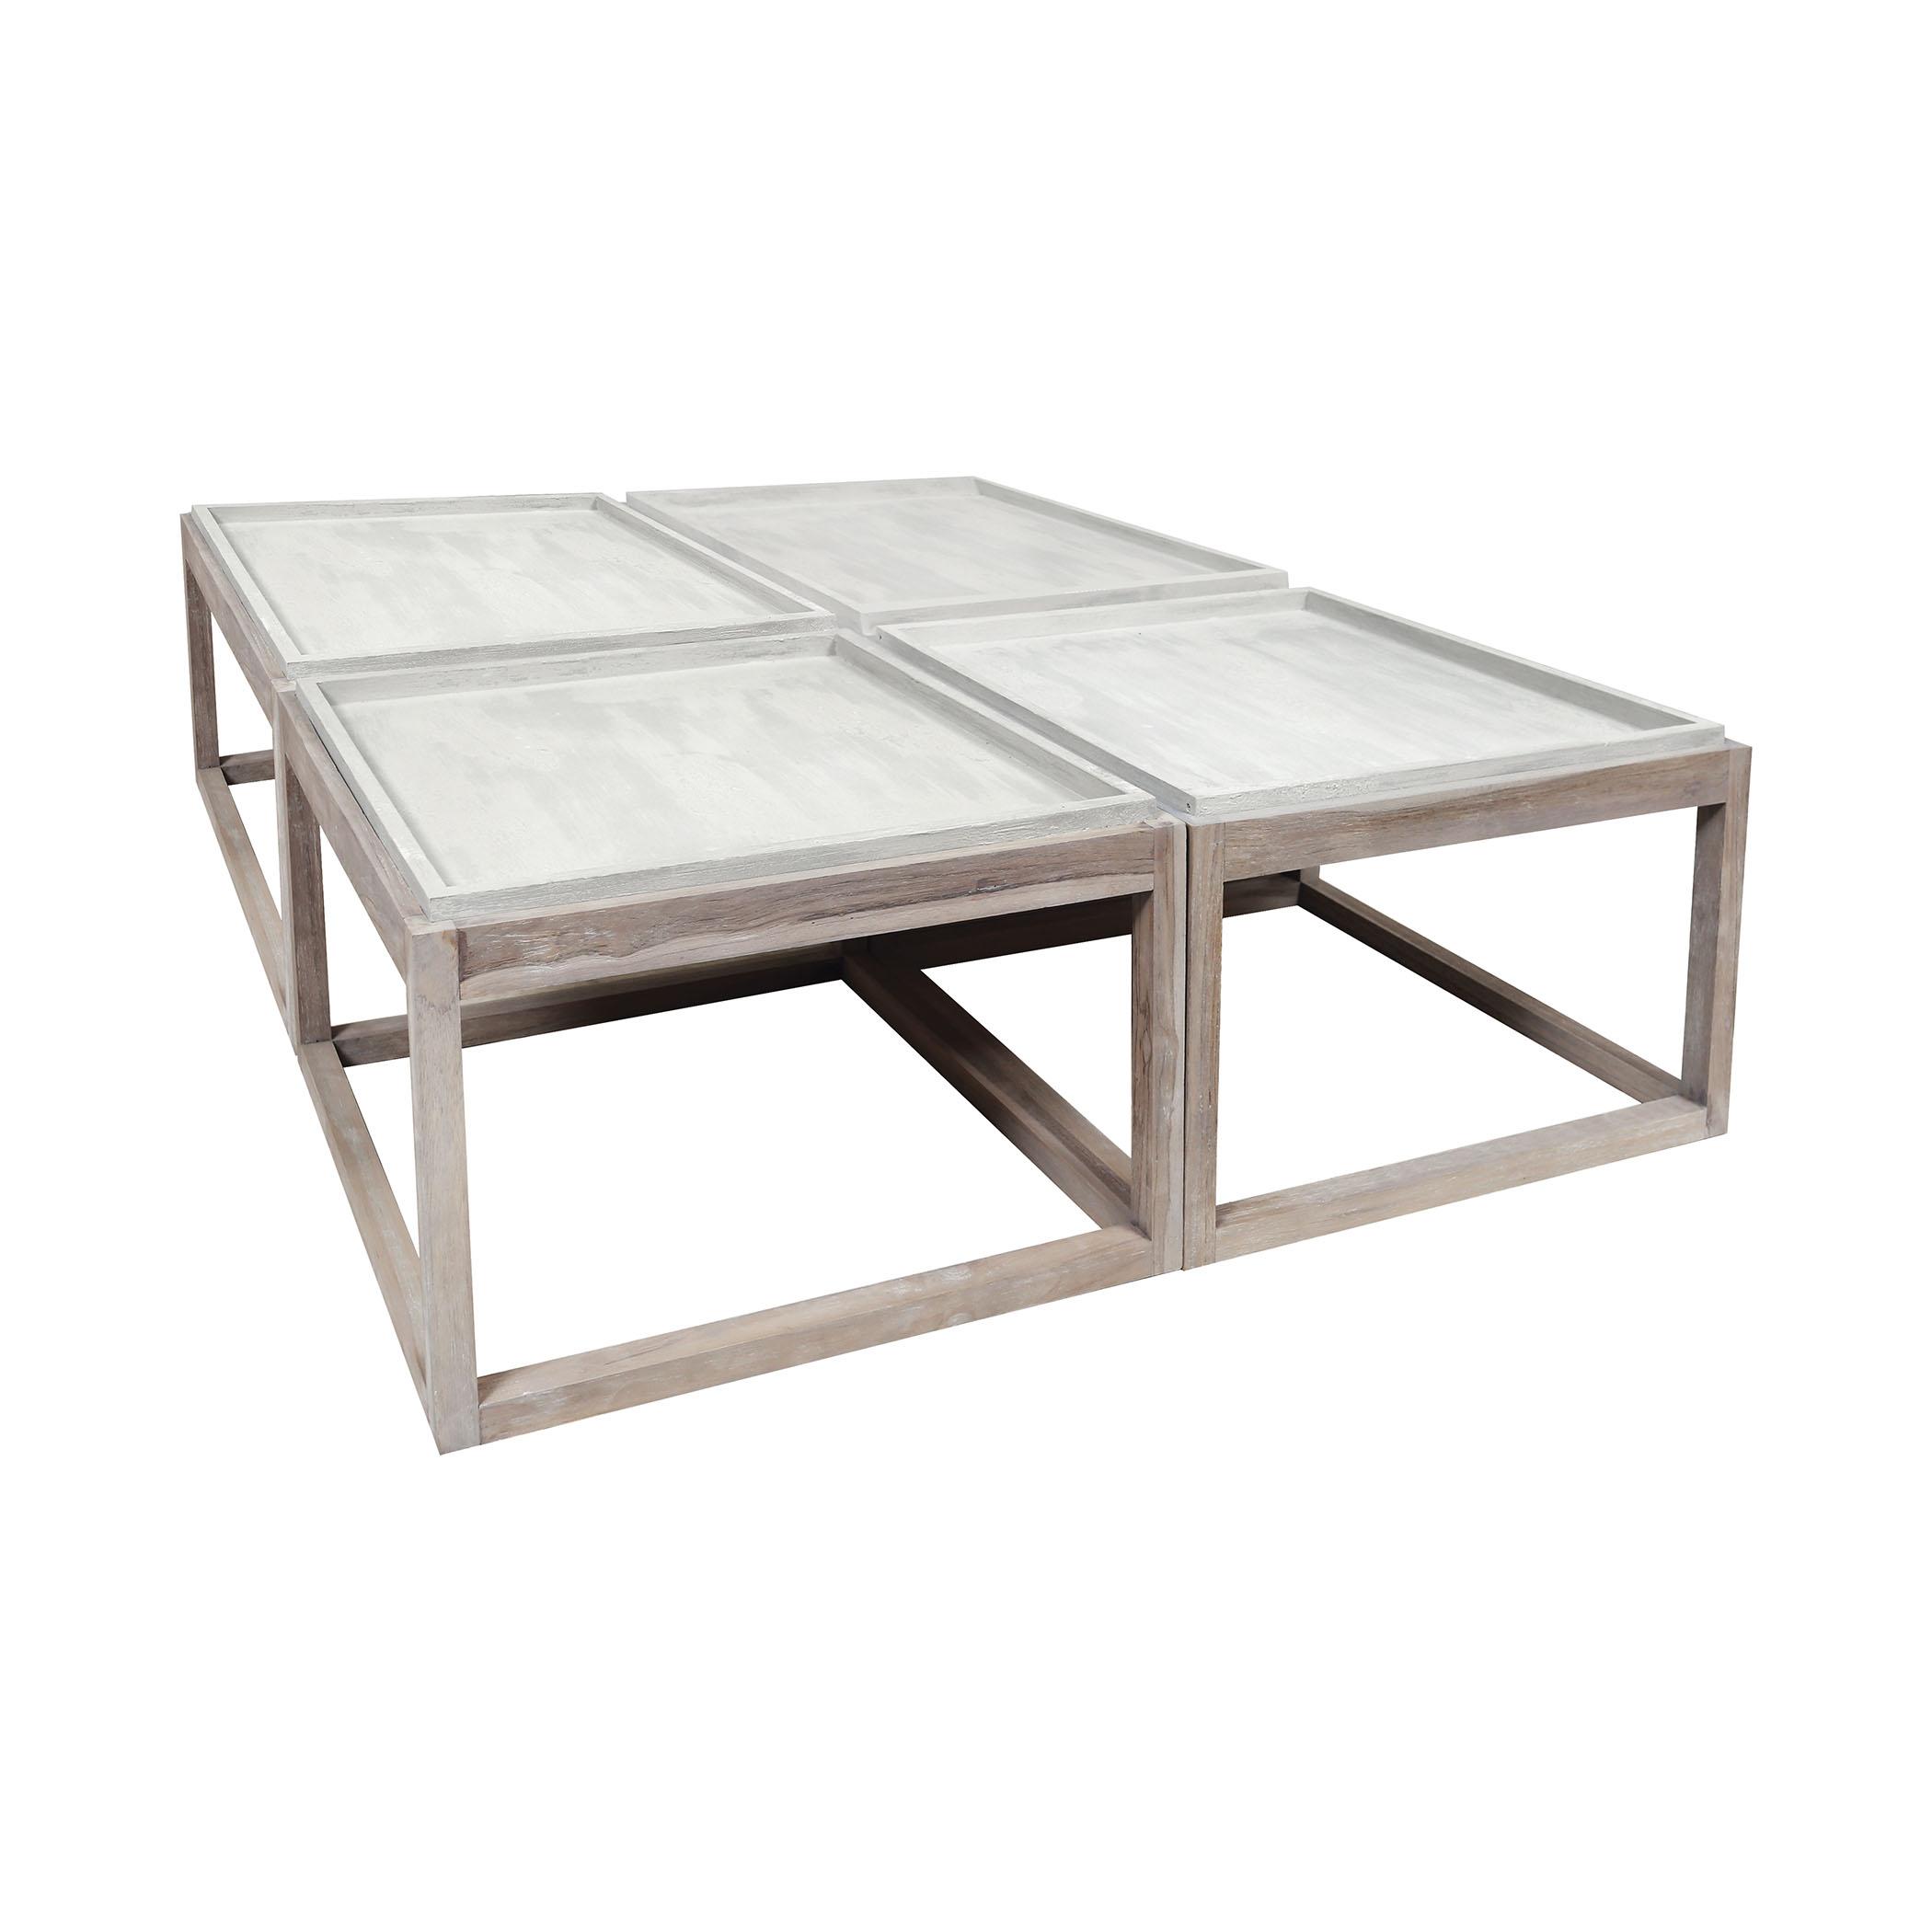 Set of Four Concrete Outdoor Parsons Tables 7118013S-HT   ELK Home